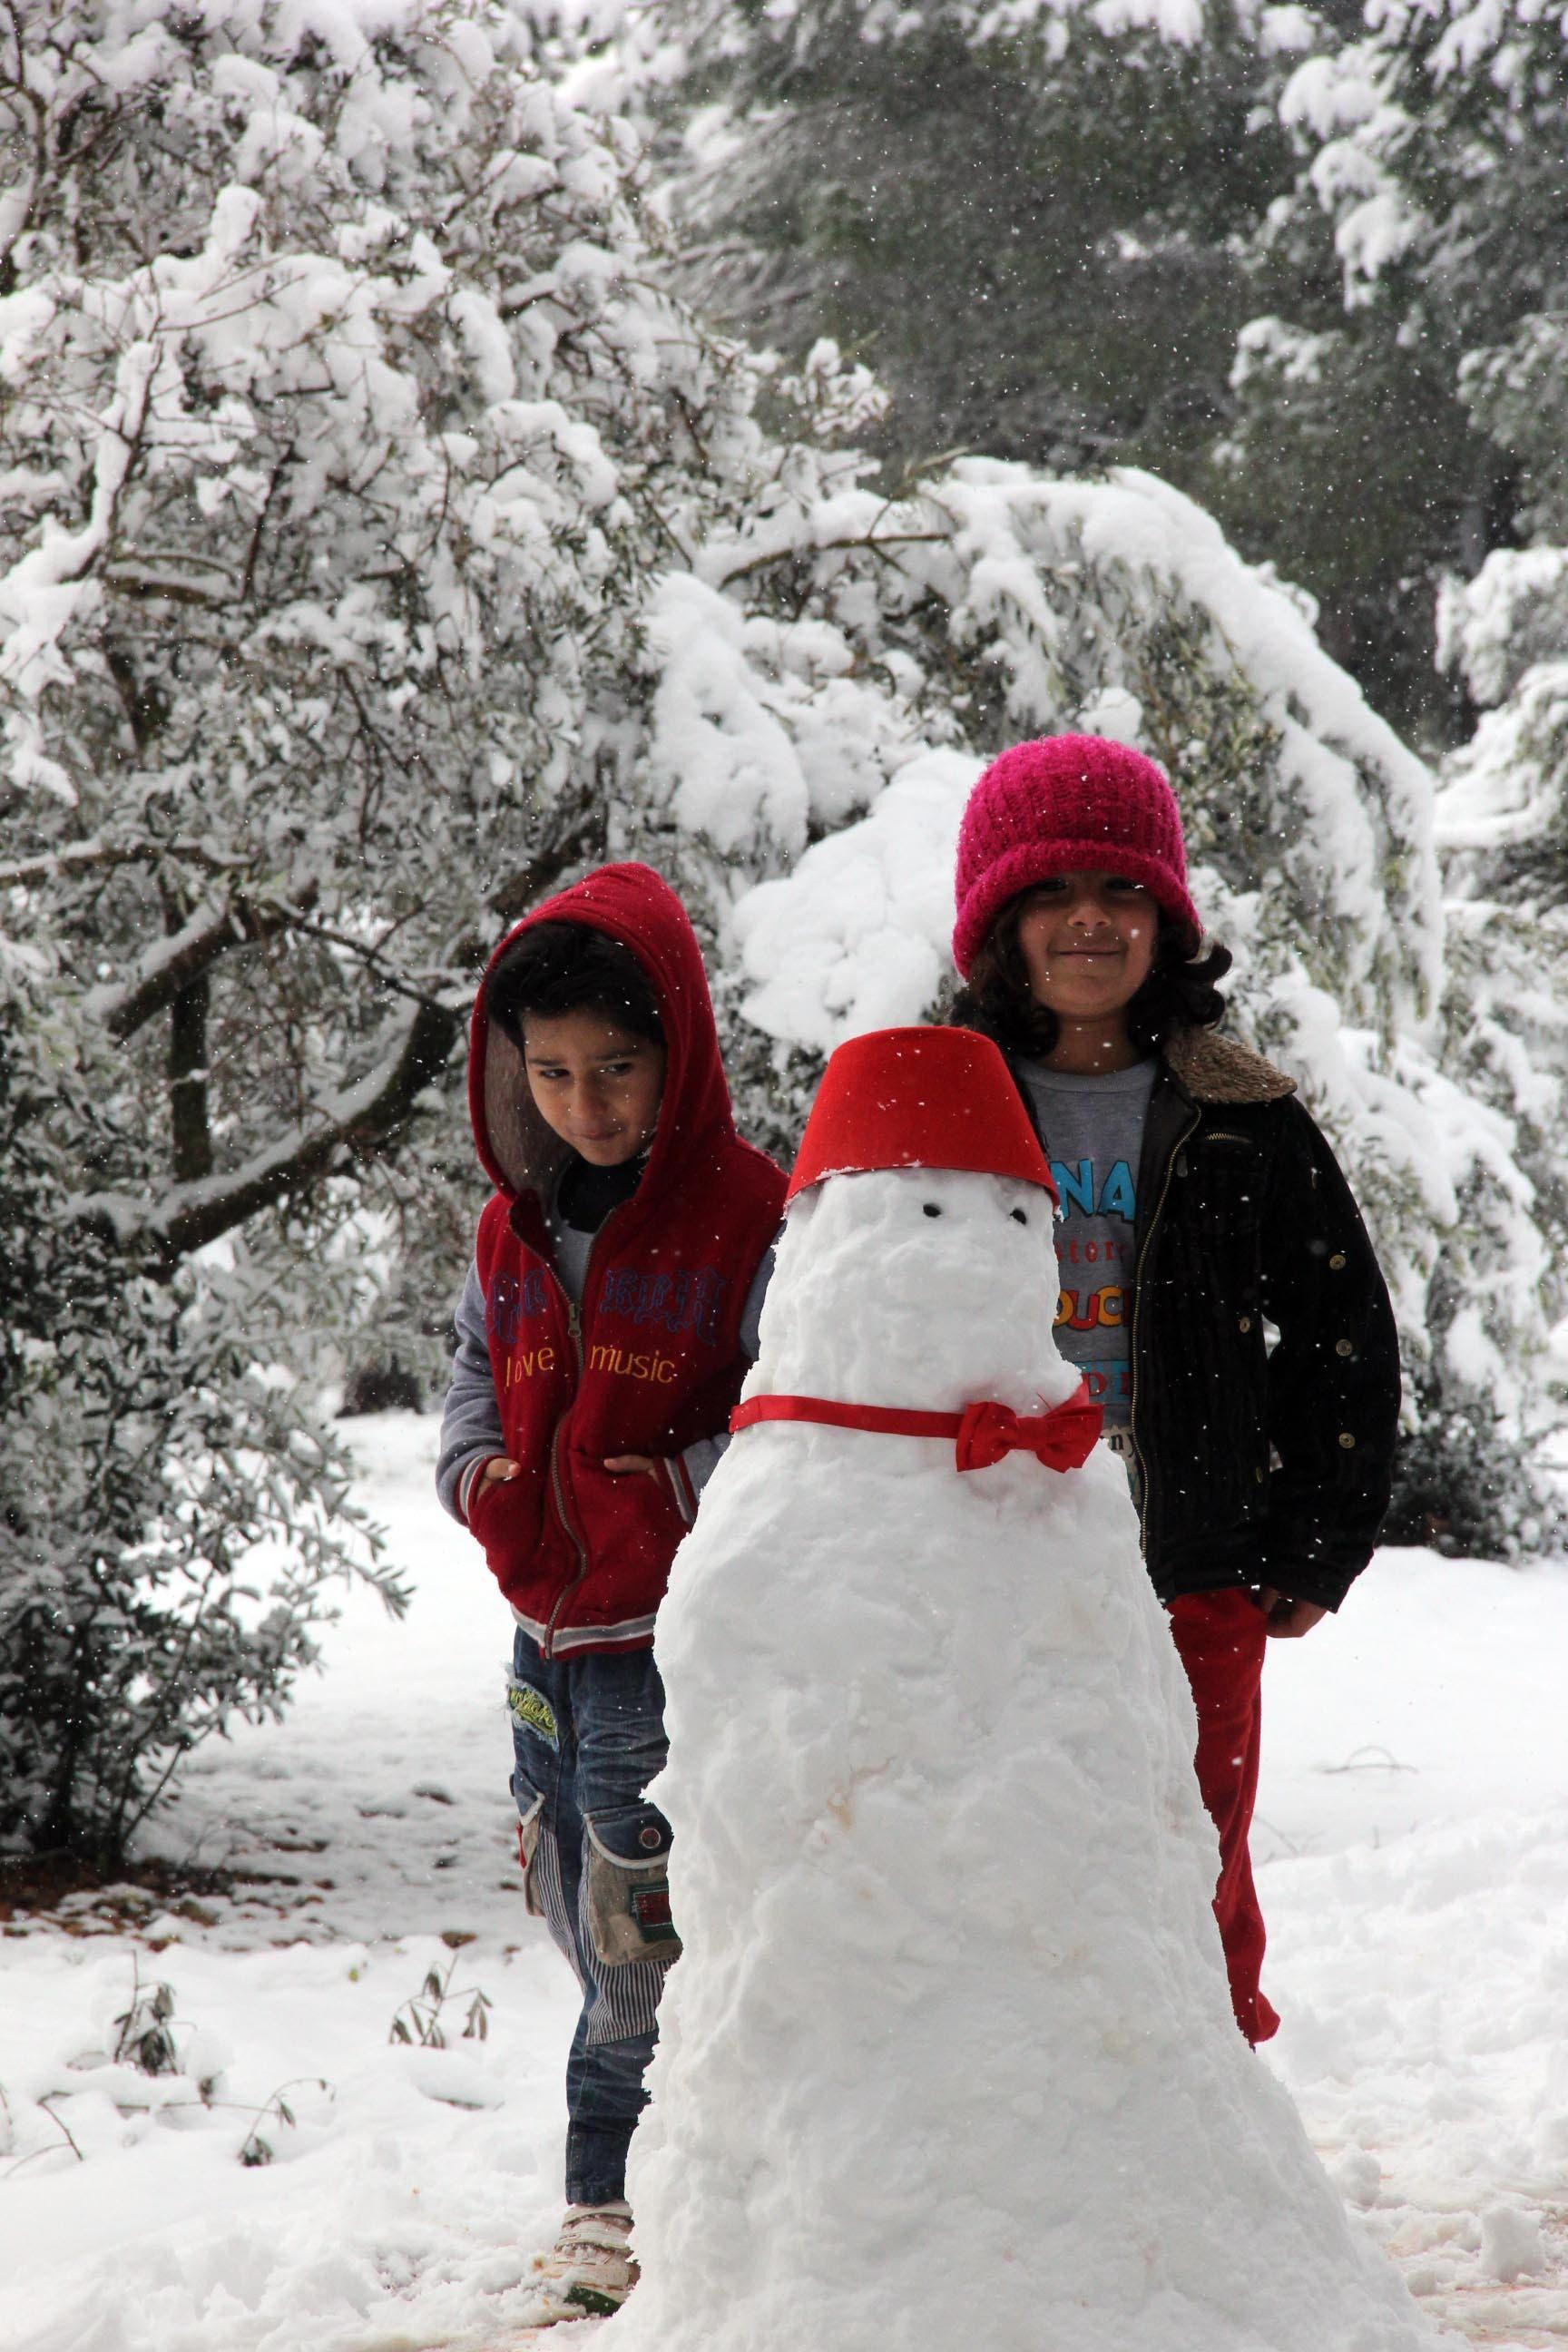 العاصفة الثلجية تجتاح خيام اللاجئين 8a5f9382-16c0-4ab4-81cd-133361335761.jpg